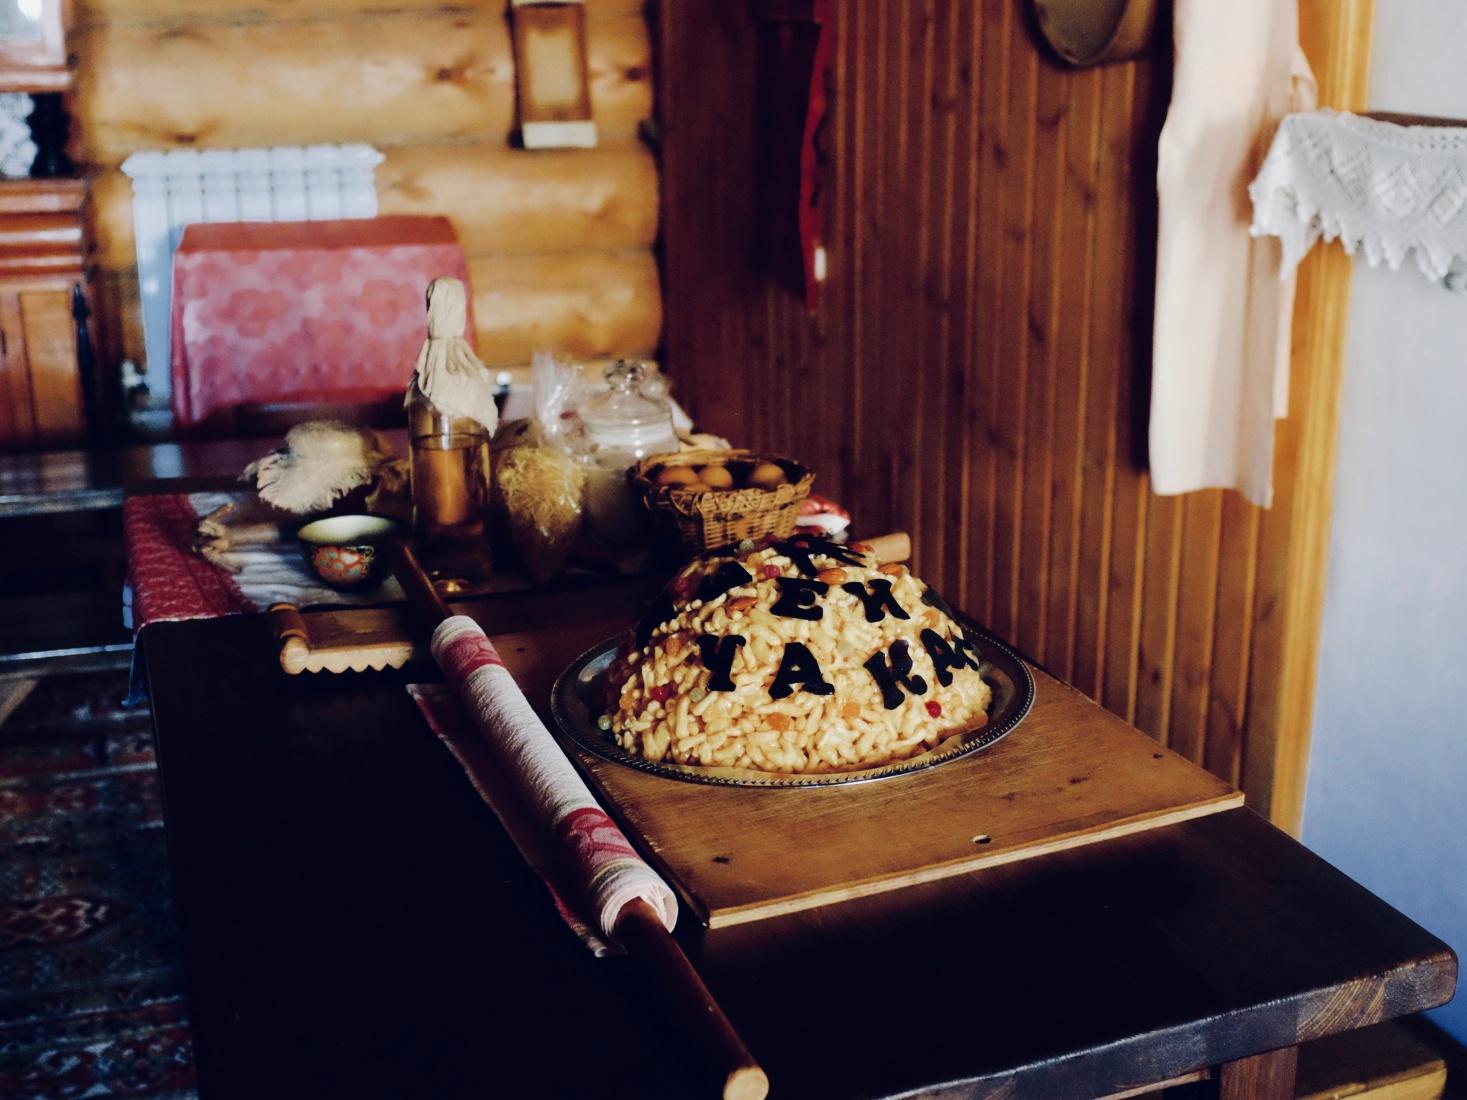 Traditional Tatar chak-chak at the Chak-chak museum, Kazan, Tatarstan, Russia.